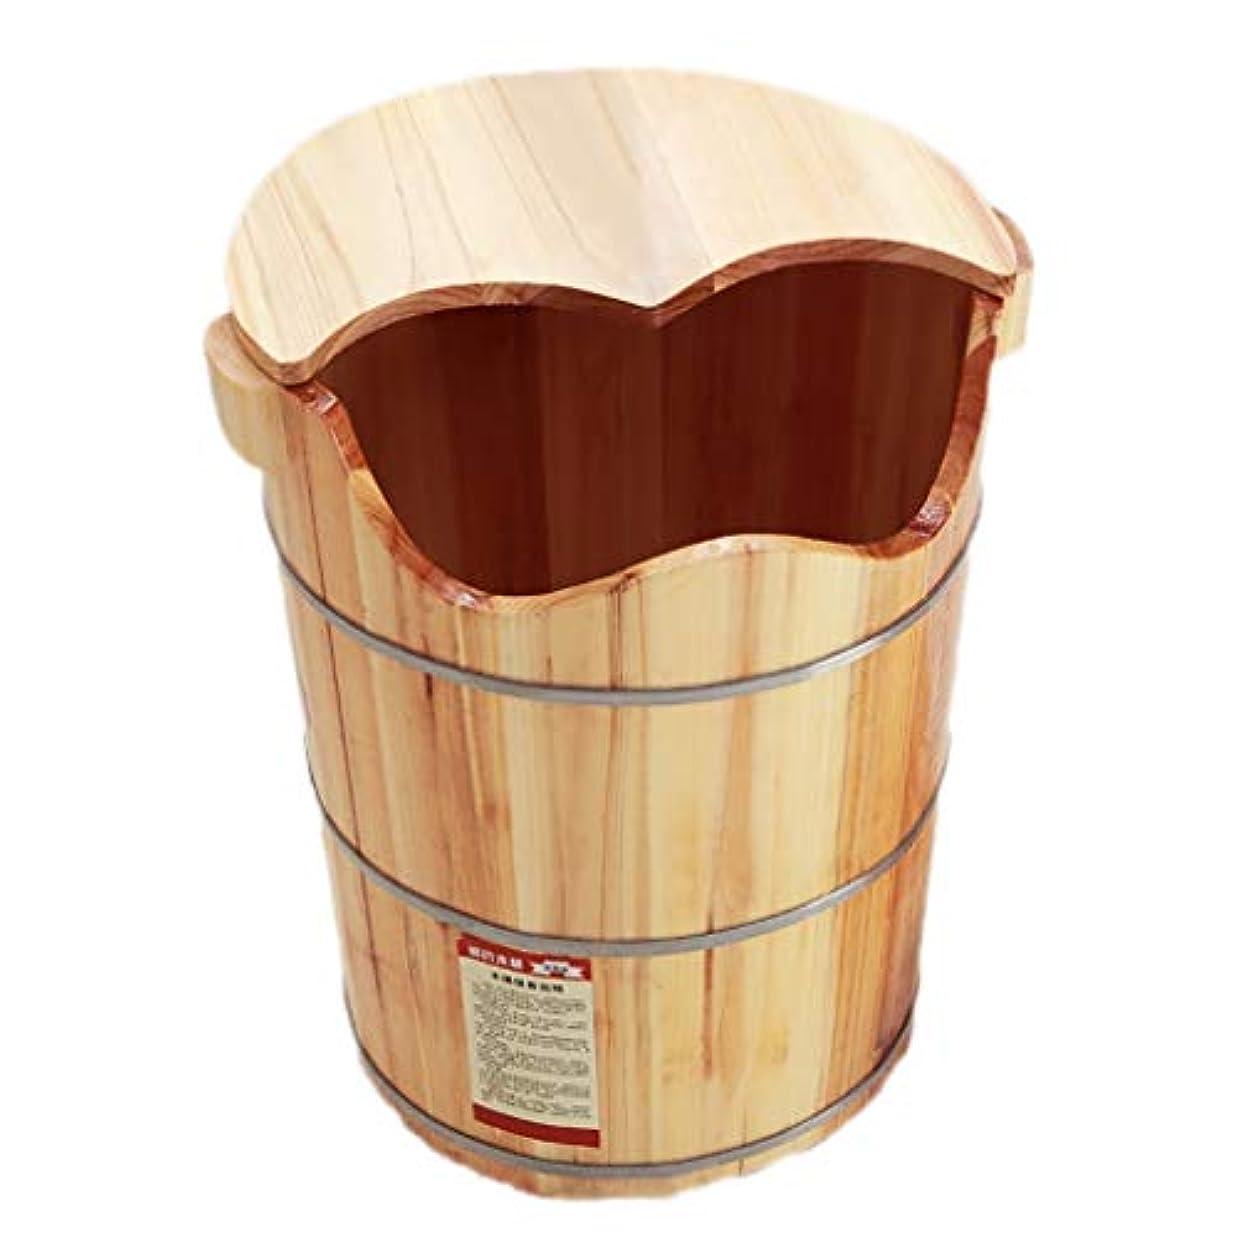 がっかりするグローバルバンドルNUBAOgy 家庭用浴槽、足浴槽、木製足湯、ペディキュアベイスン、純木製フット浴槽、マッサージペディキュアバケット、ふたを高くして、50 * 40 * 28 cm (色 : A)